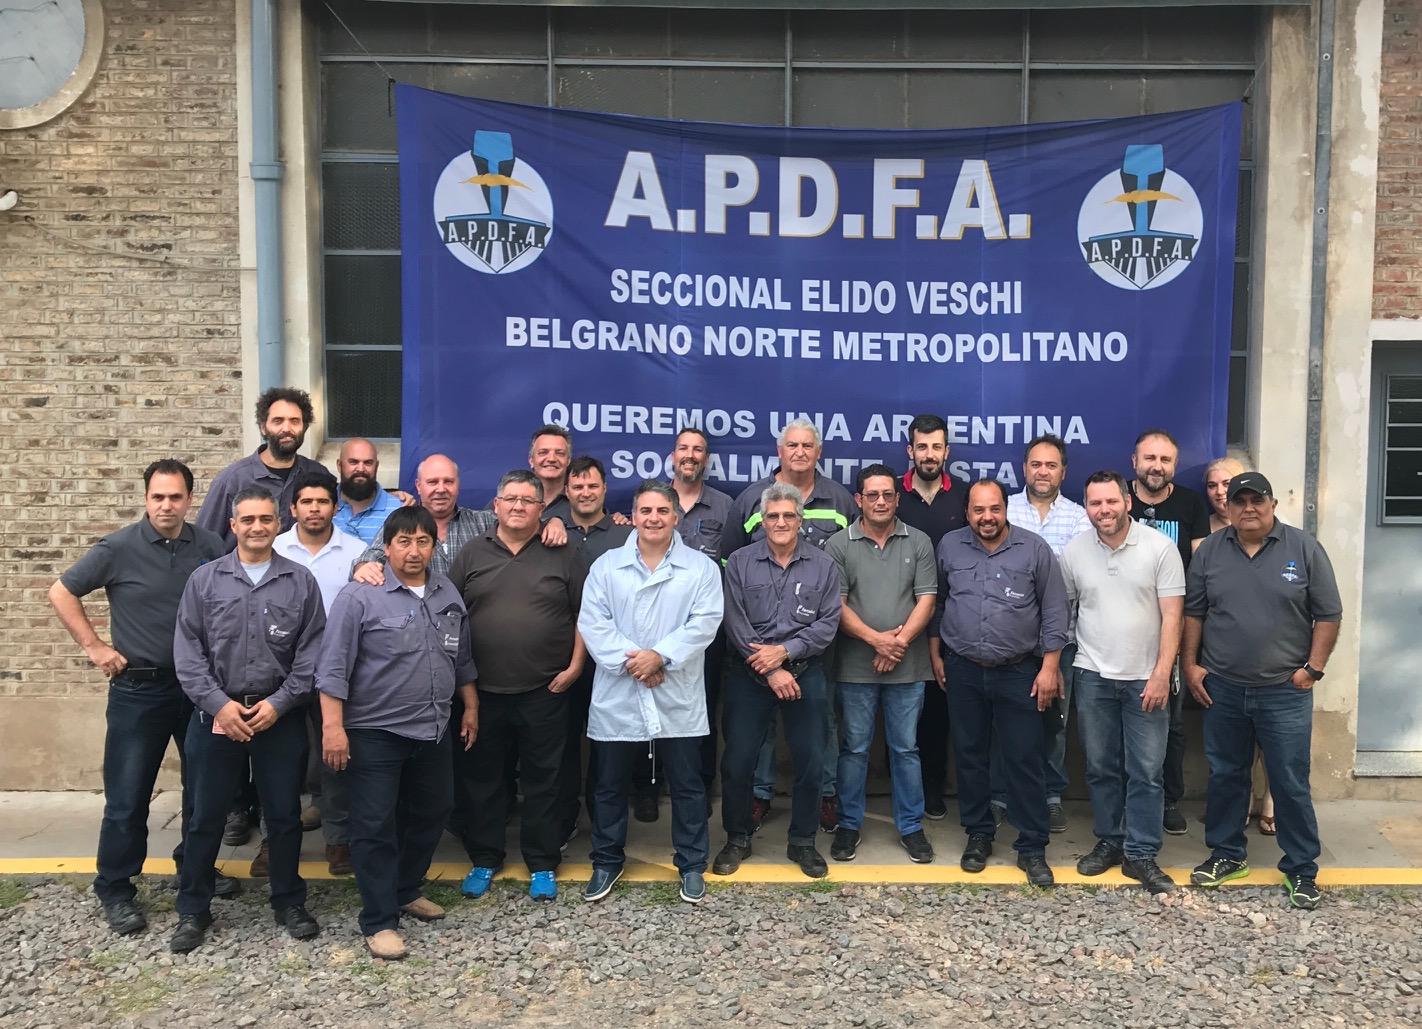 """A.P.D.F.A. Seccional Belgrano Norte Metropolitana Ing. Elido Veschi - """"Compromiso y trabajo""""."""